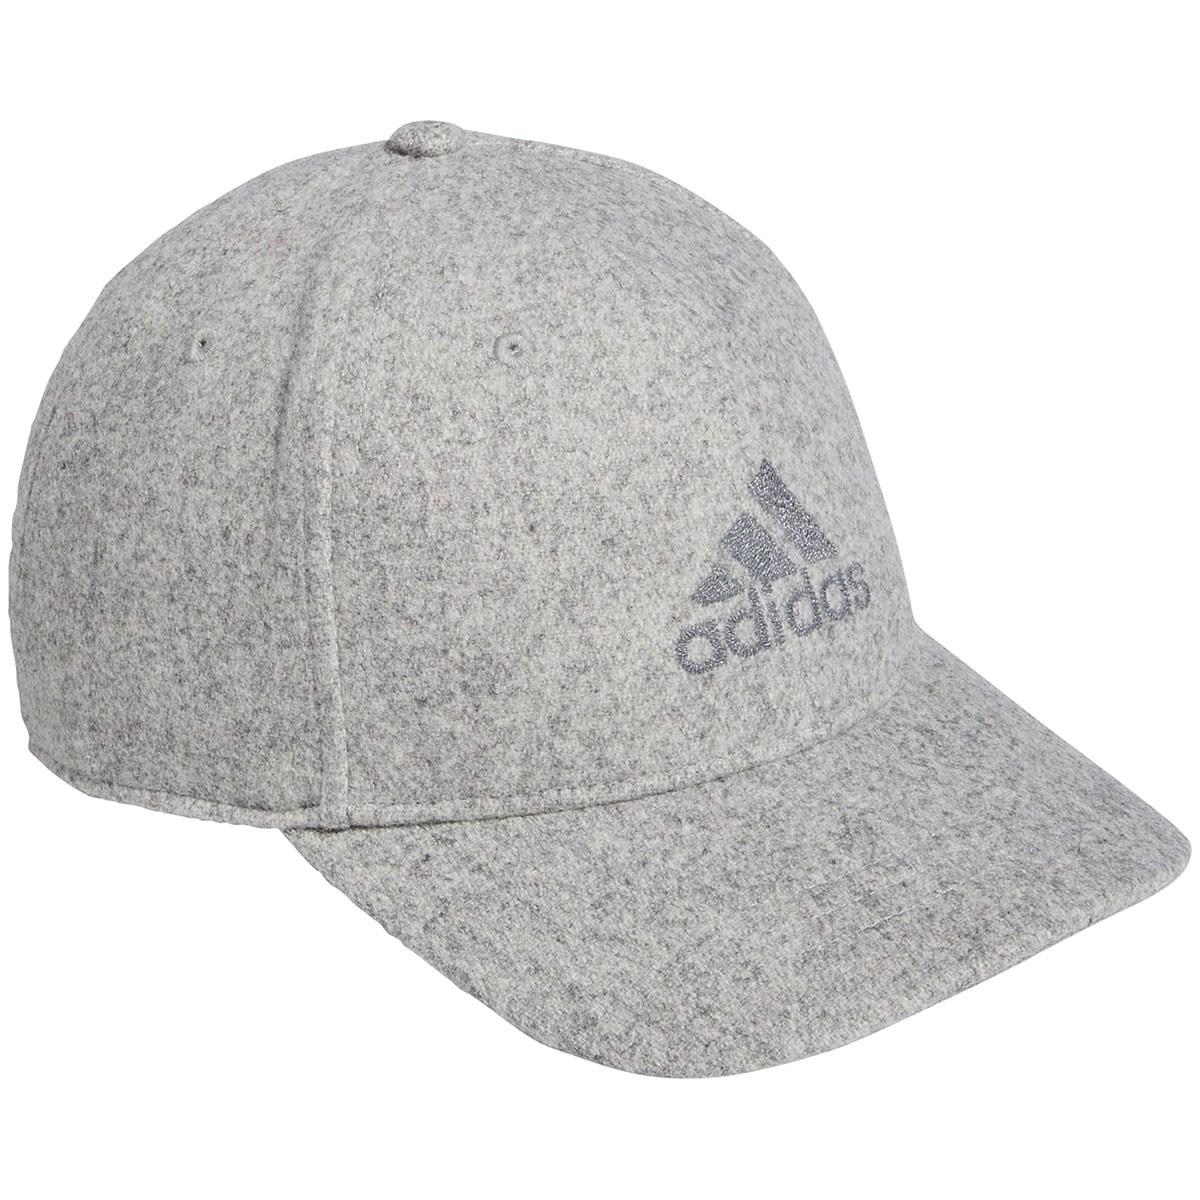 アディダス Adidas ツィードキャップ フリー ミディアムグレイヘザー